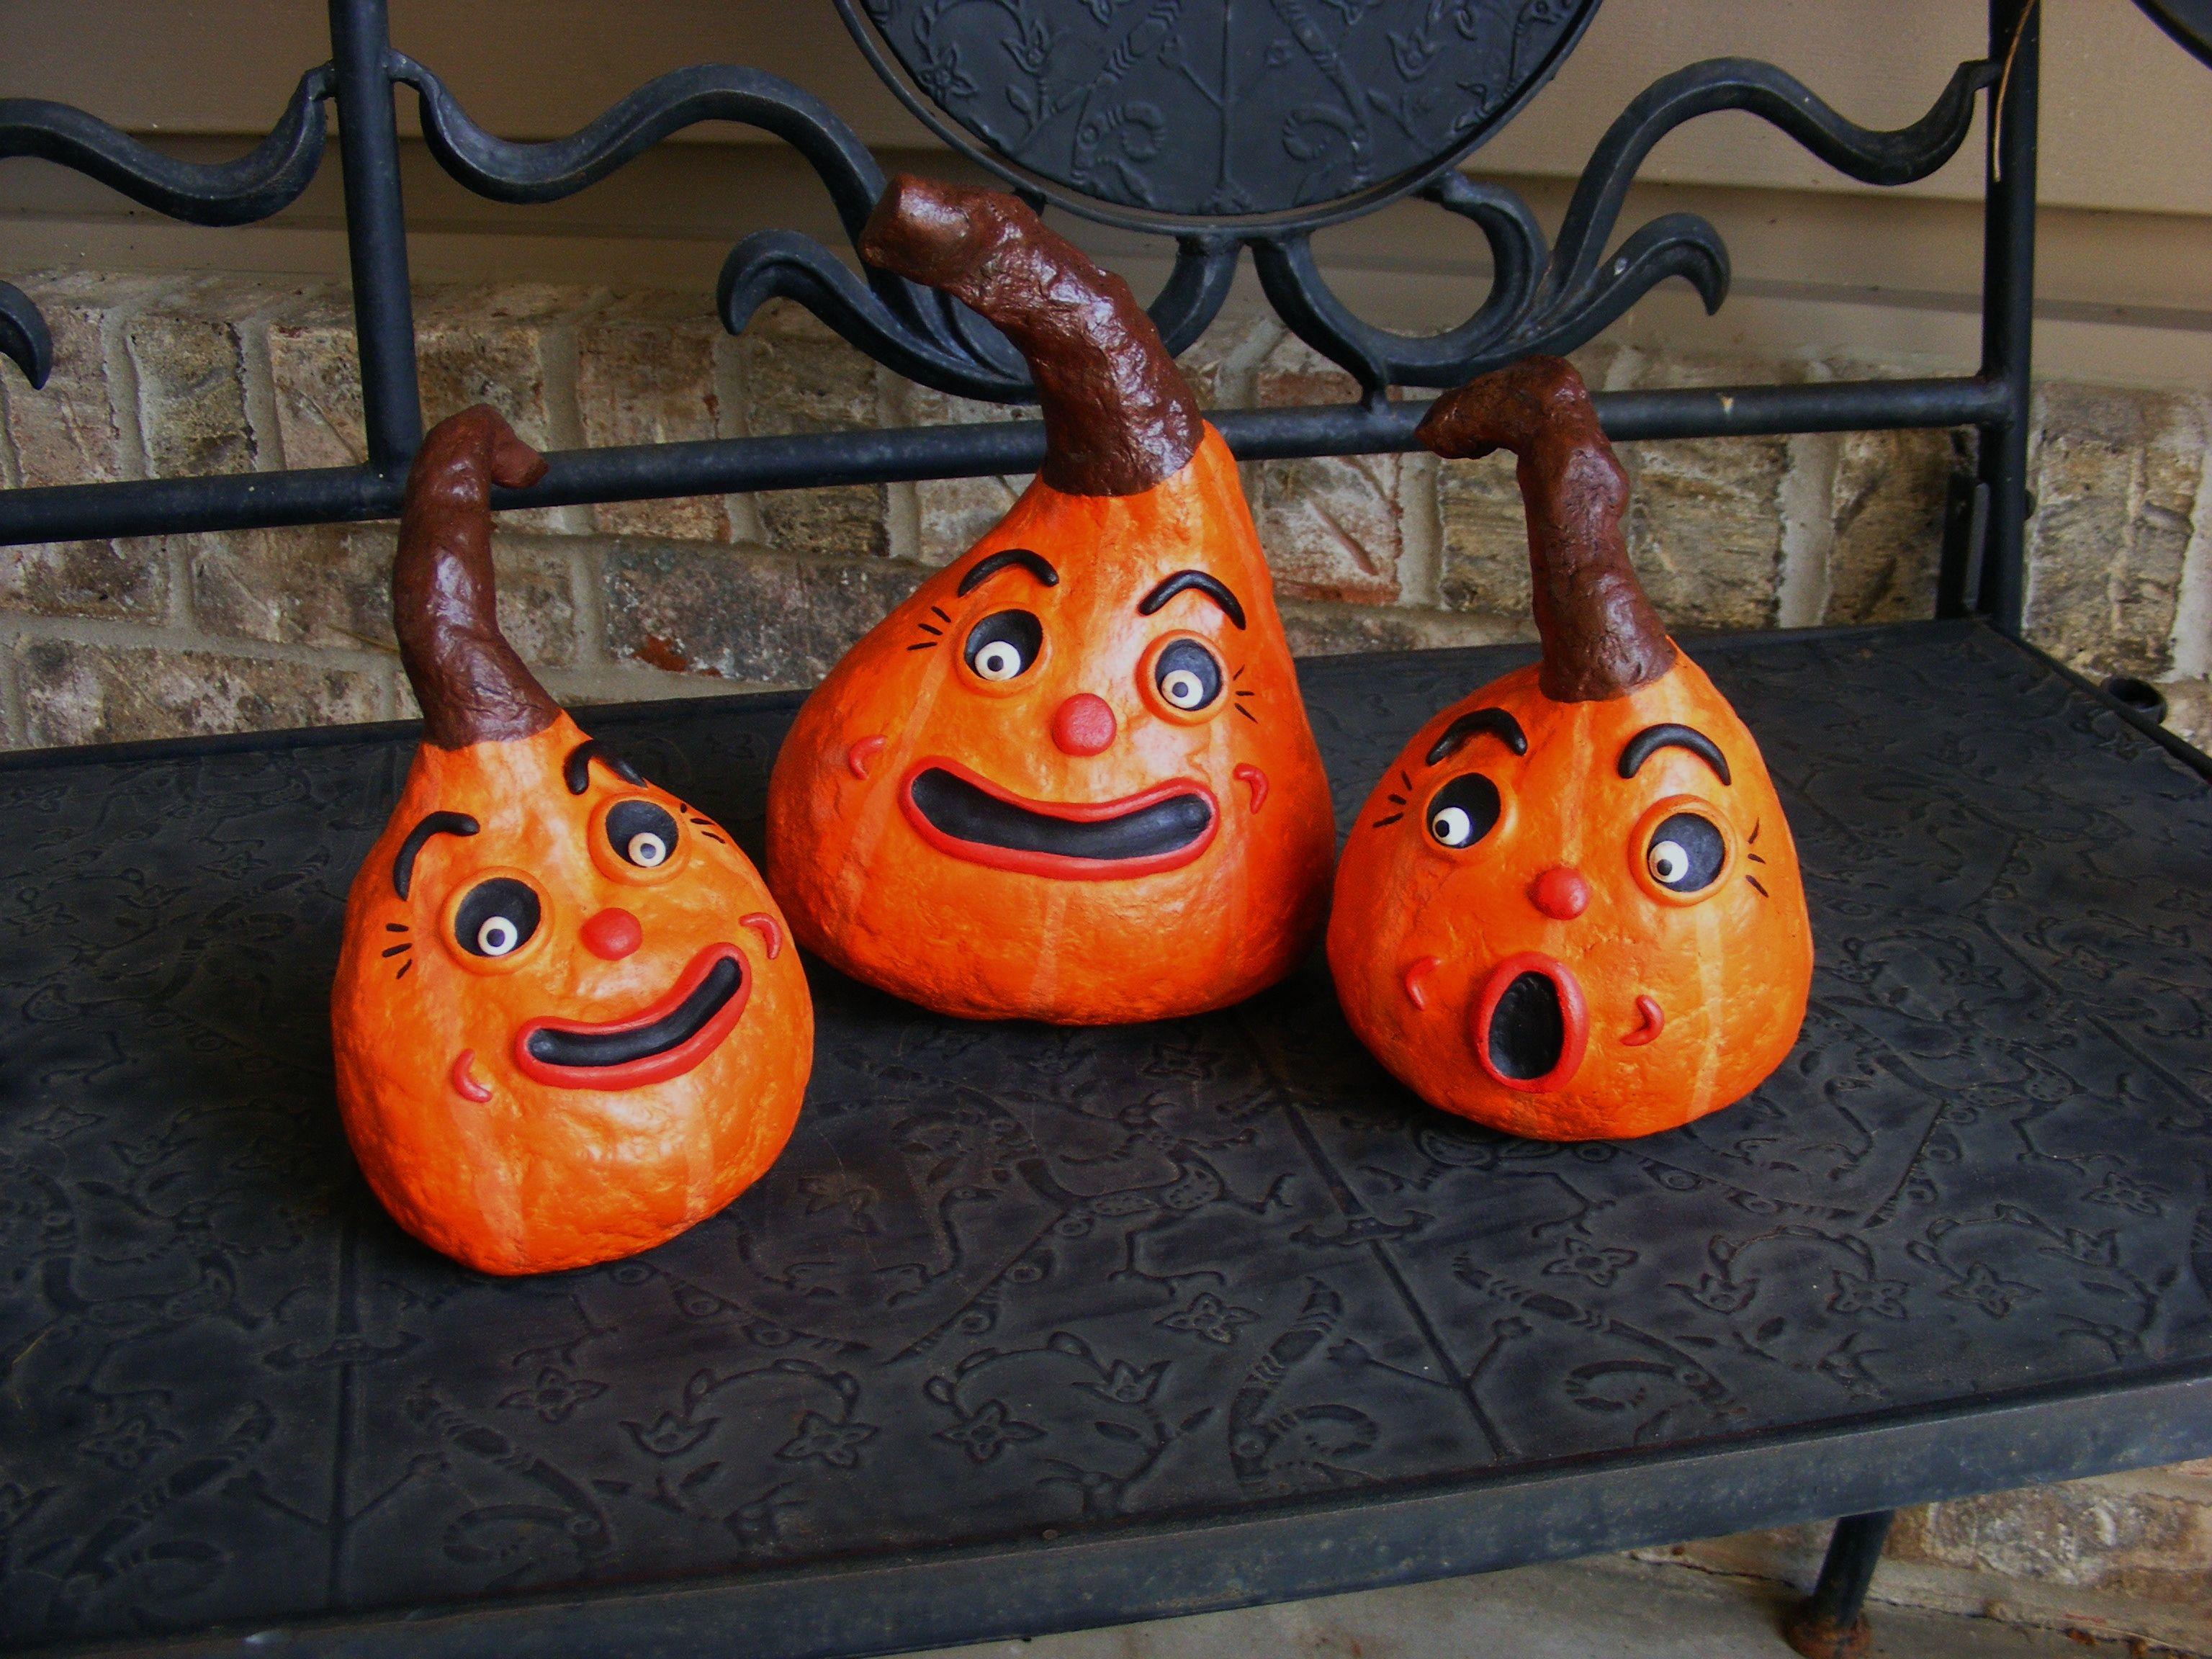 paper mache pumpkins | My Folk Art Creations | Pinterest